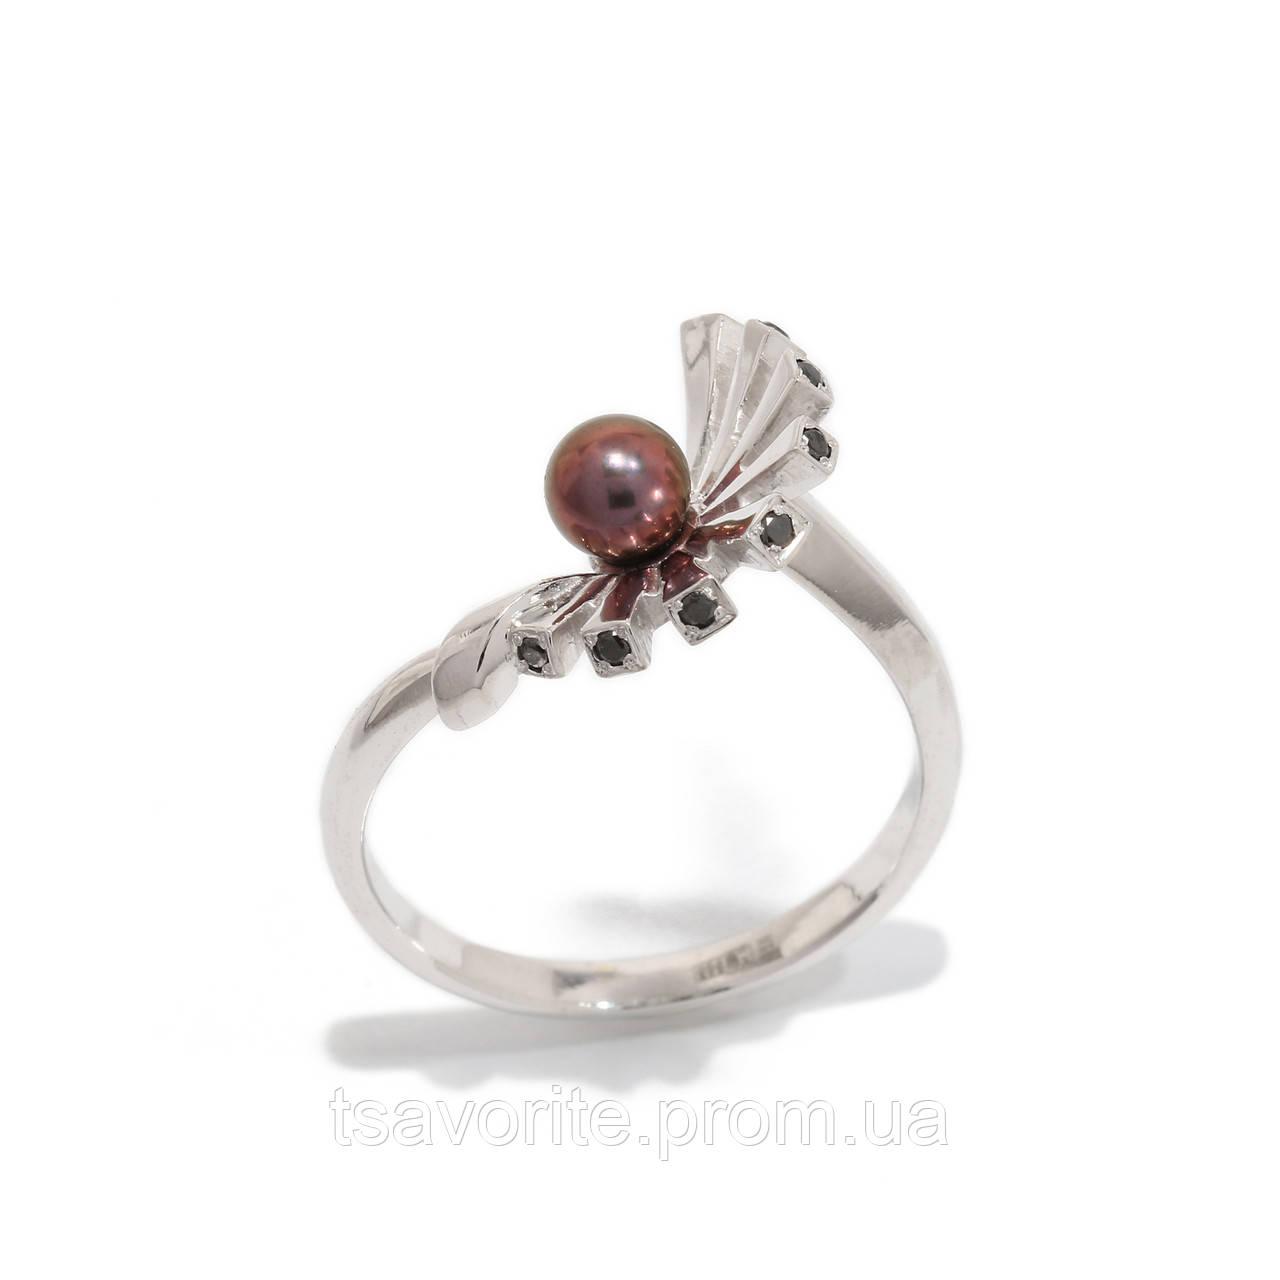 Золотое кольцо с жемчугом и бриллиантами 2231444